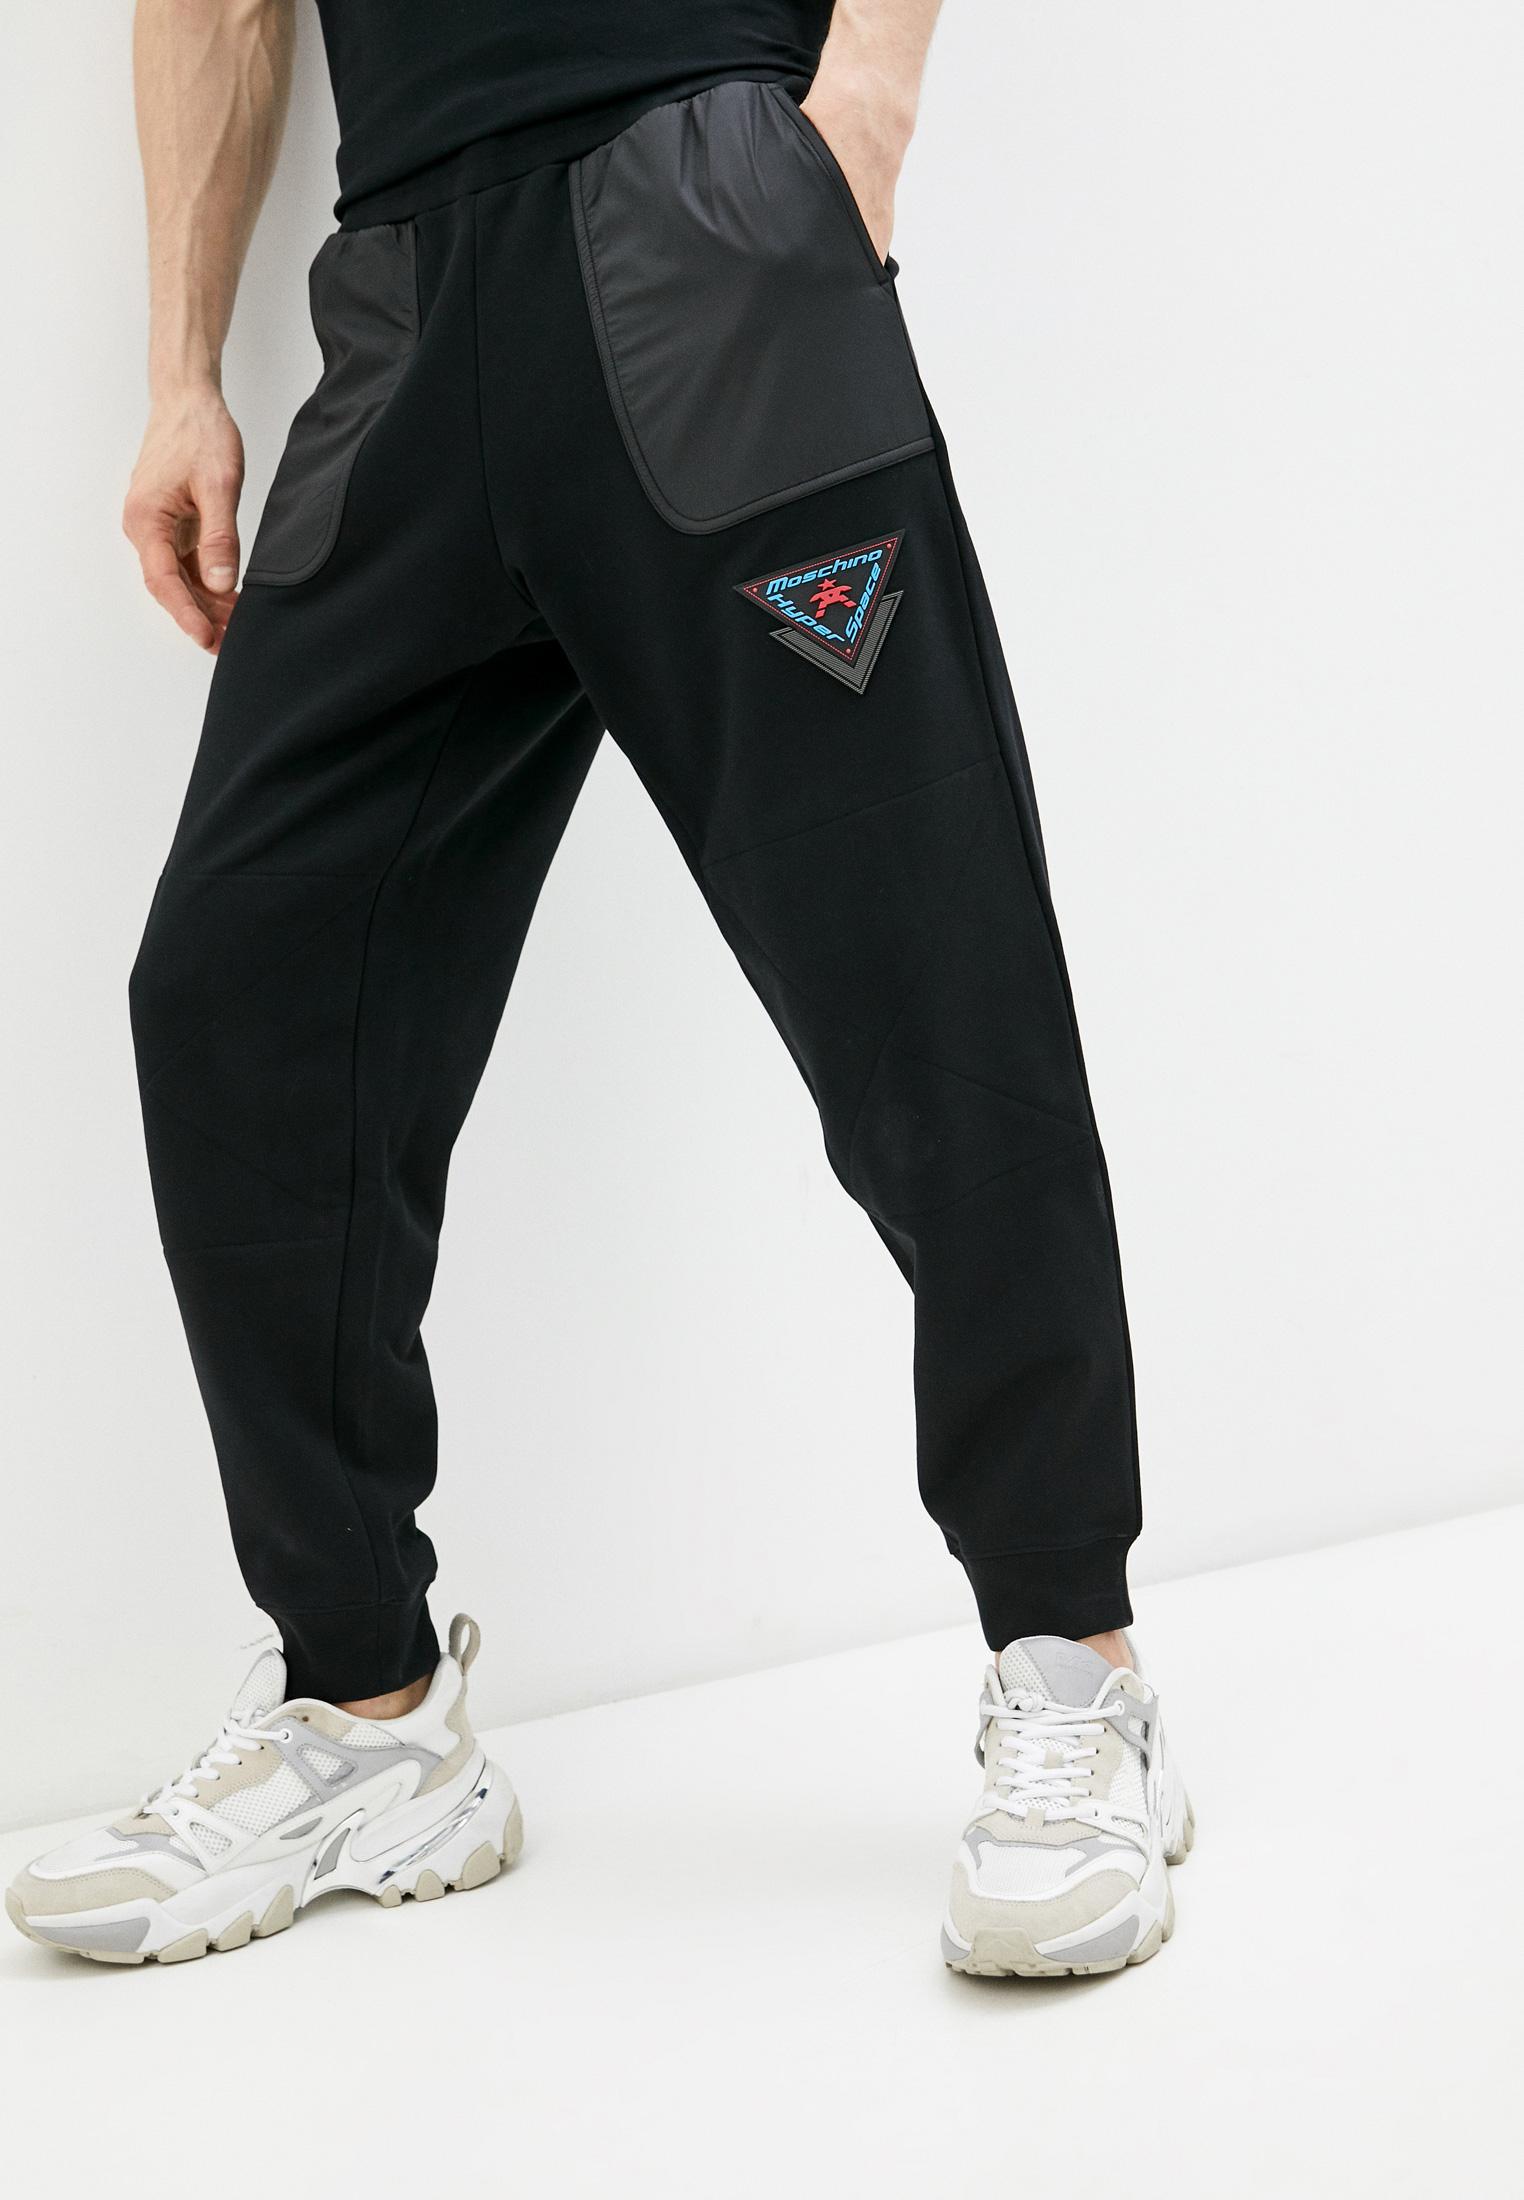 Мужские спортивные брюки Moschino Couture Брюки спортивные Moschino Couture